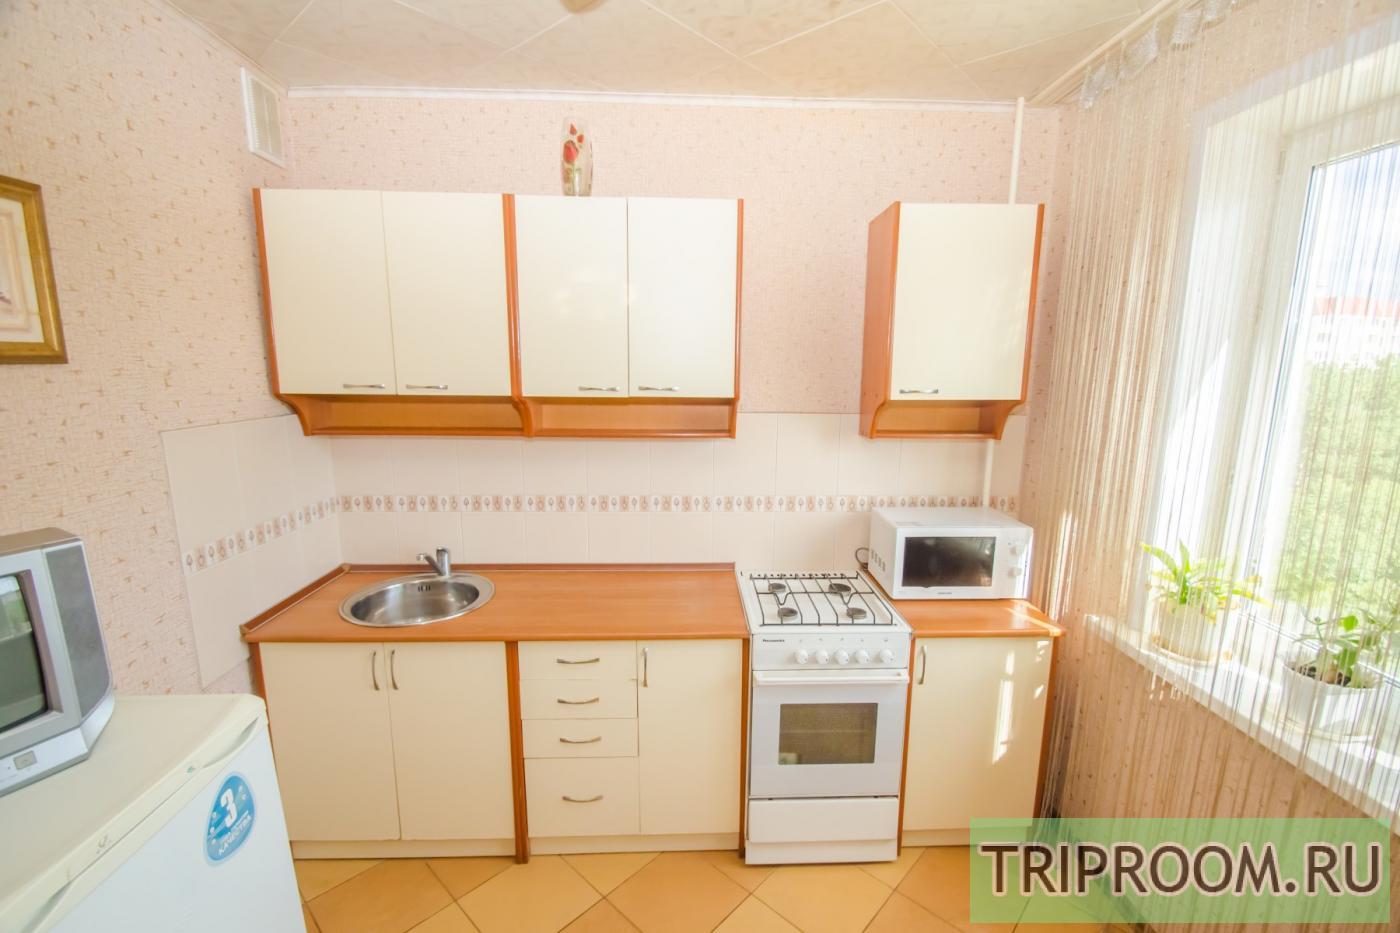 1-комнатная квартира посуточно (вариант № 2483), ул. Мордасовой улица, фото № 11